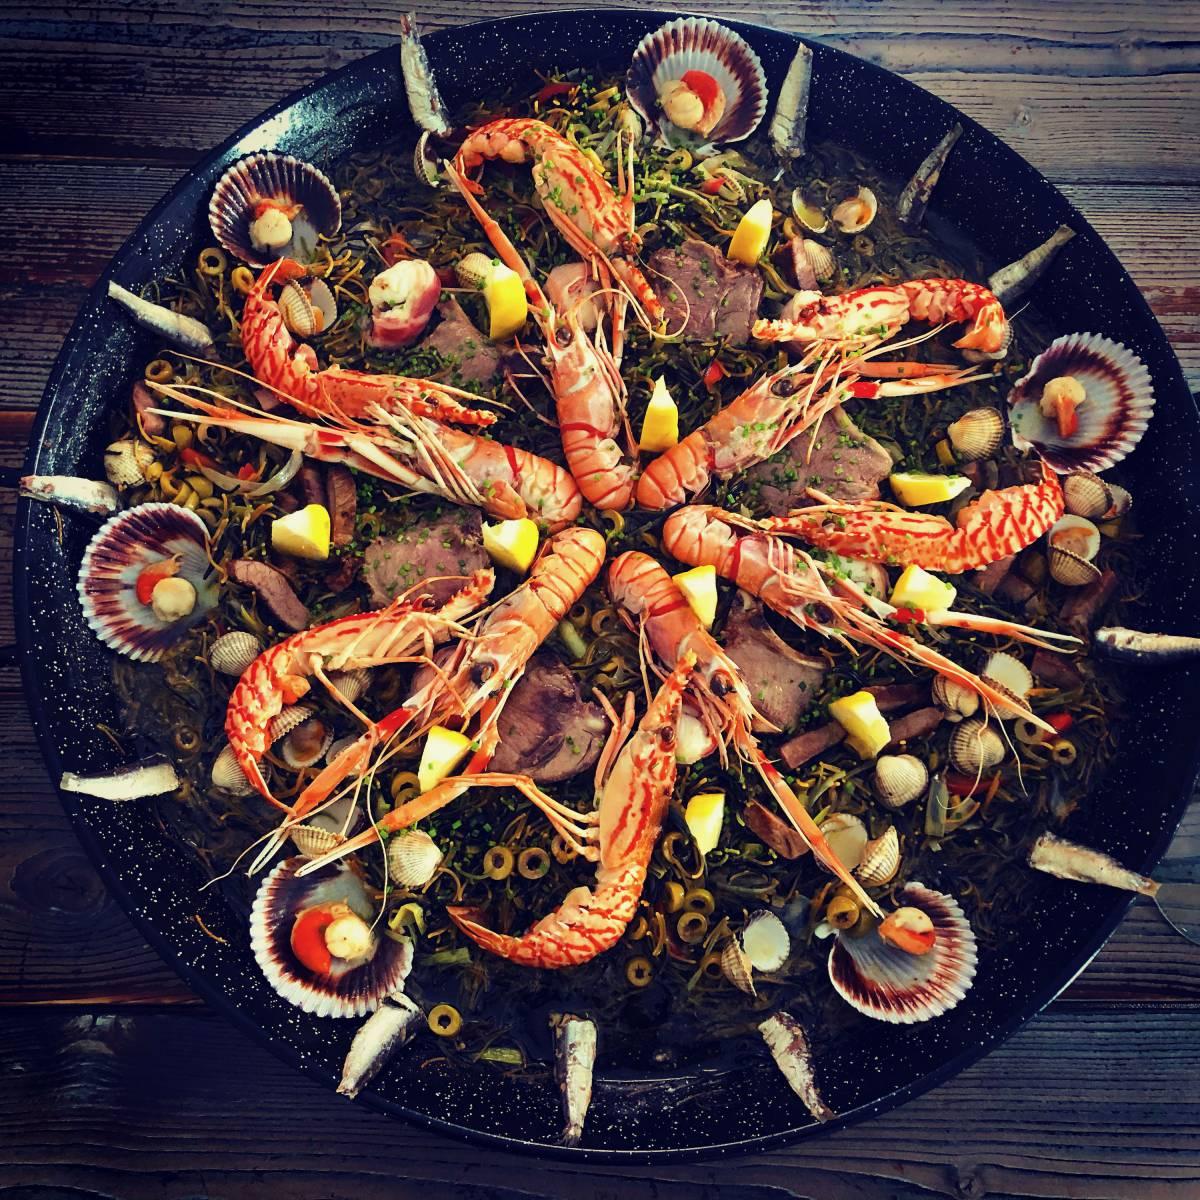 Me Gusta Culinair - Catering - House of Weddings - 3